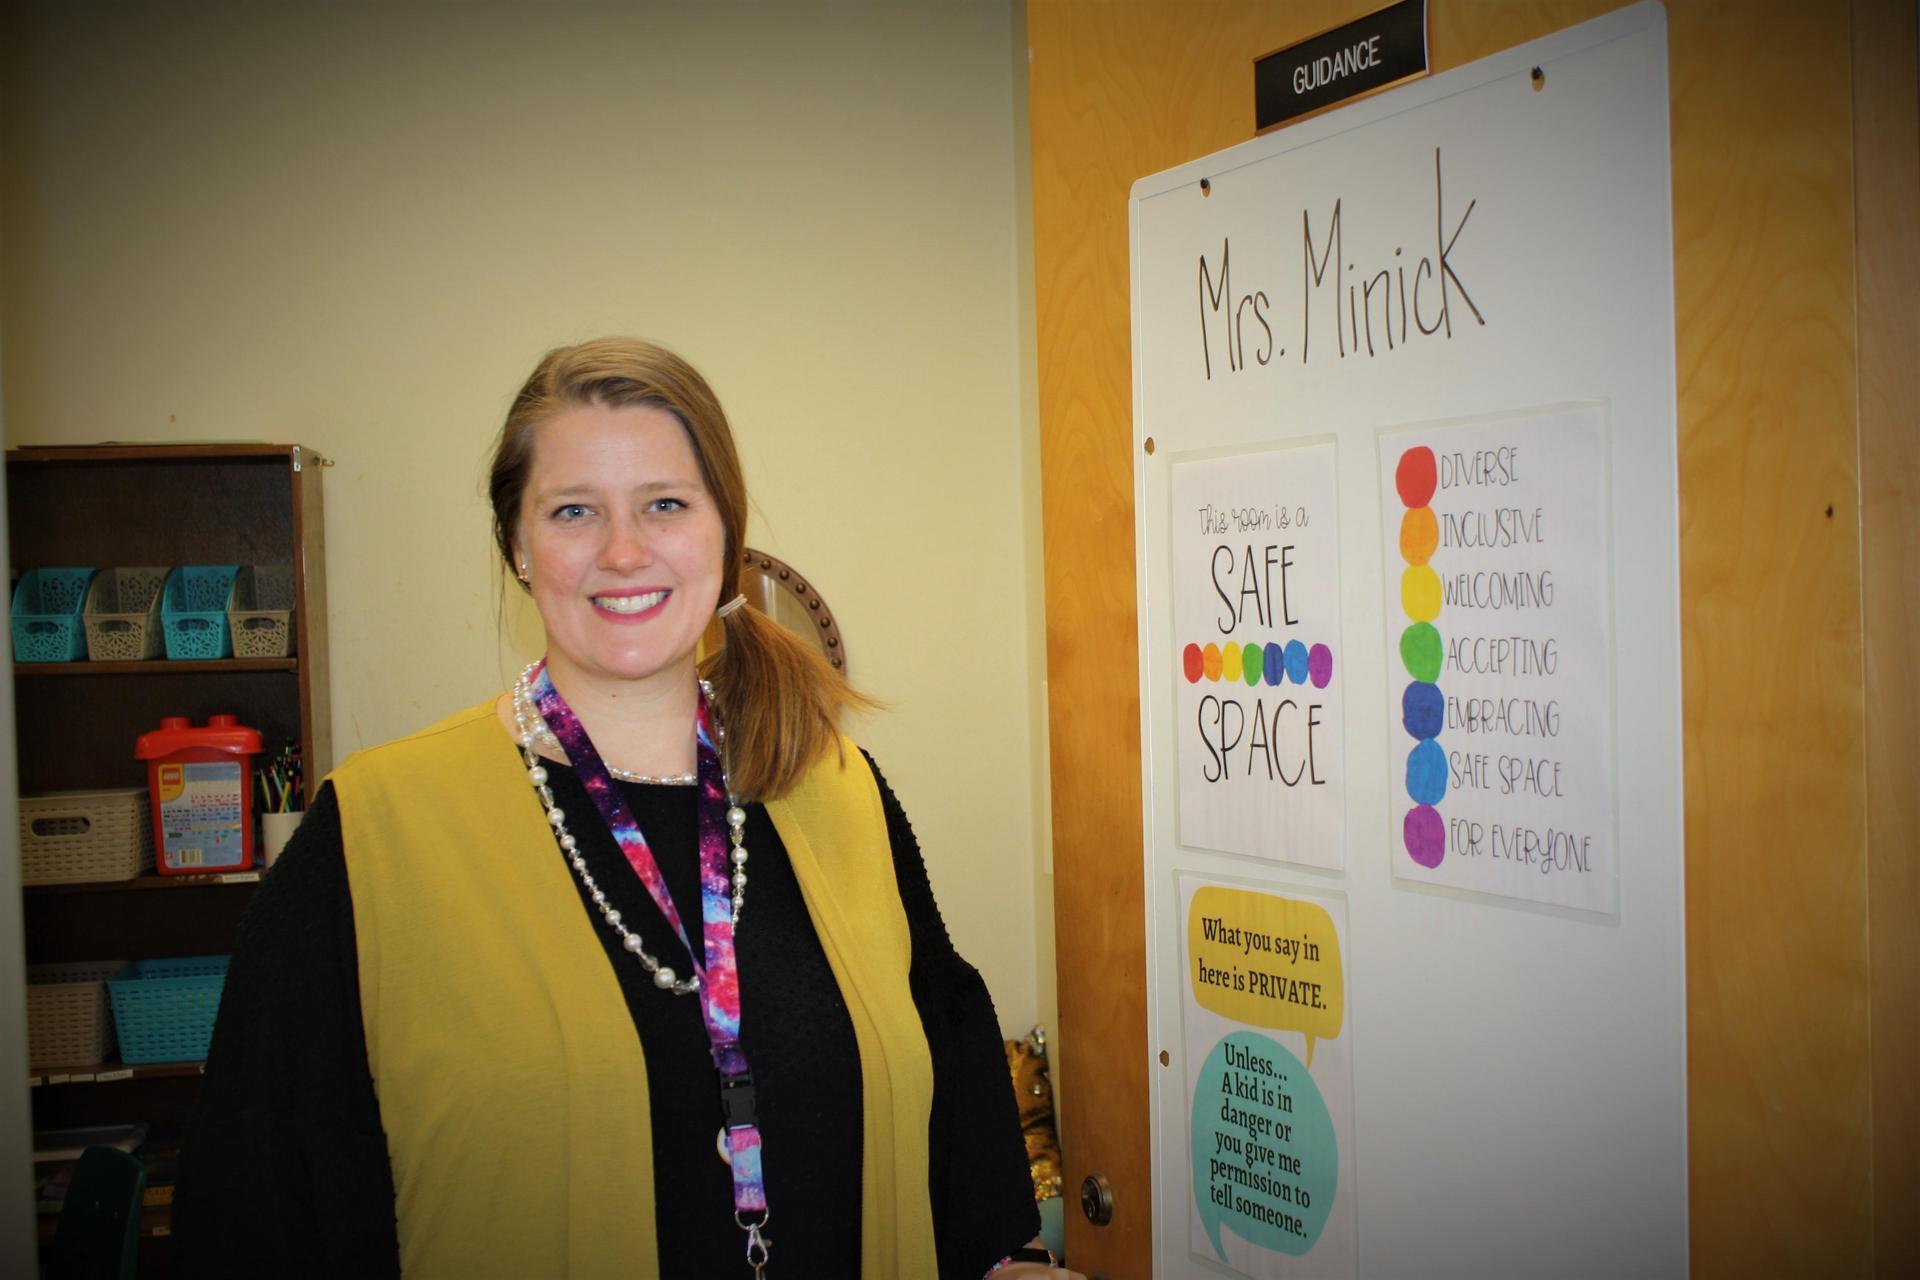 Rachel Minick, School Guidance Counselor